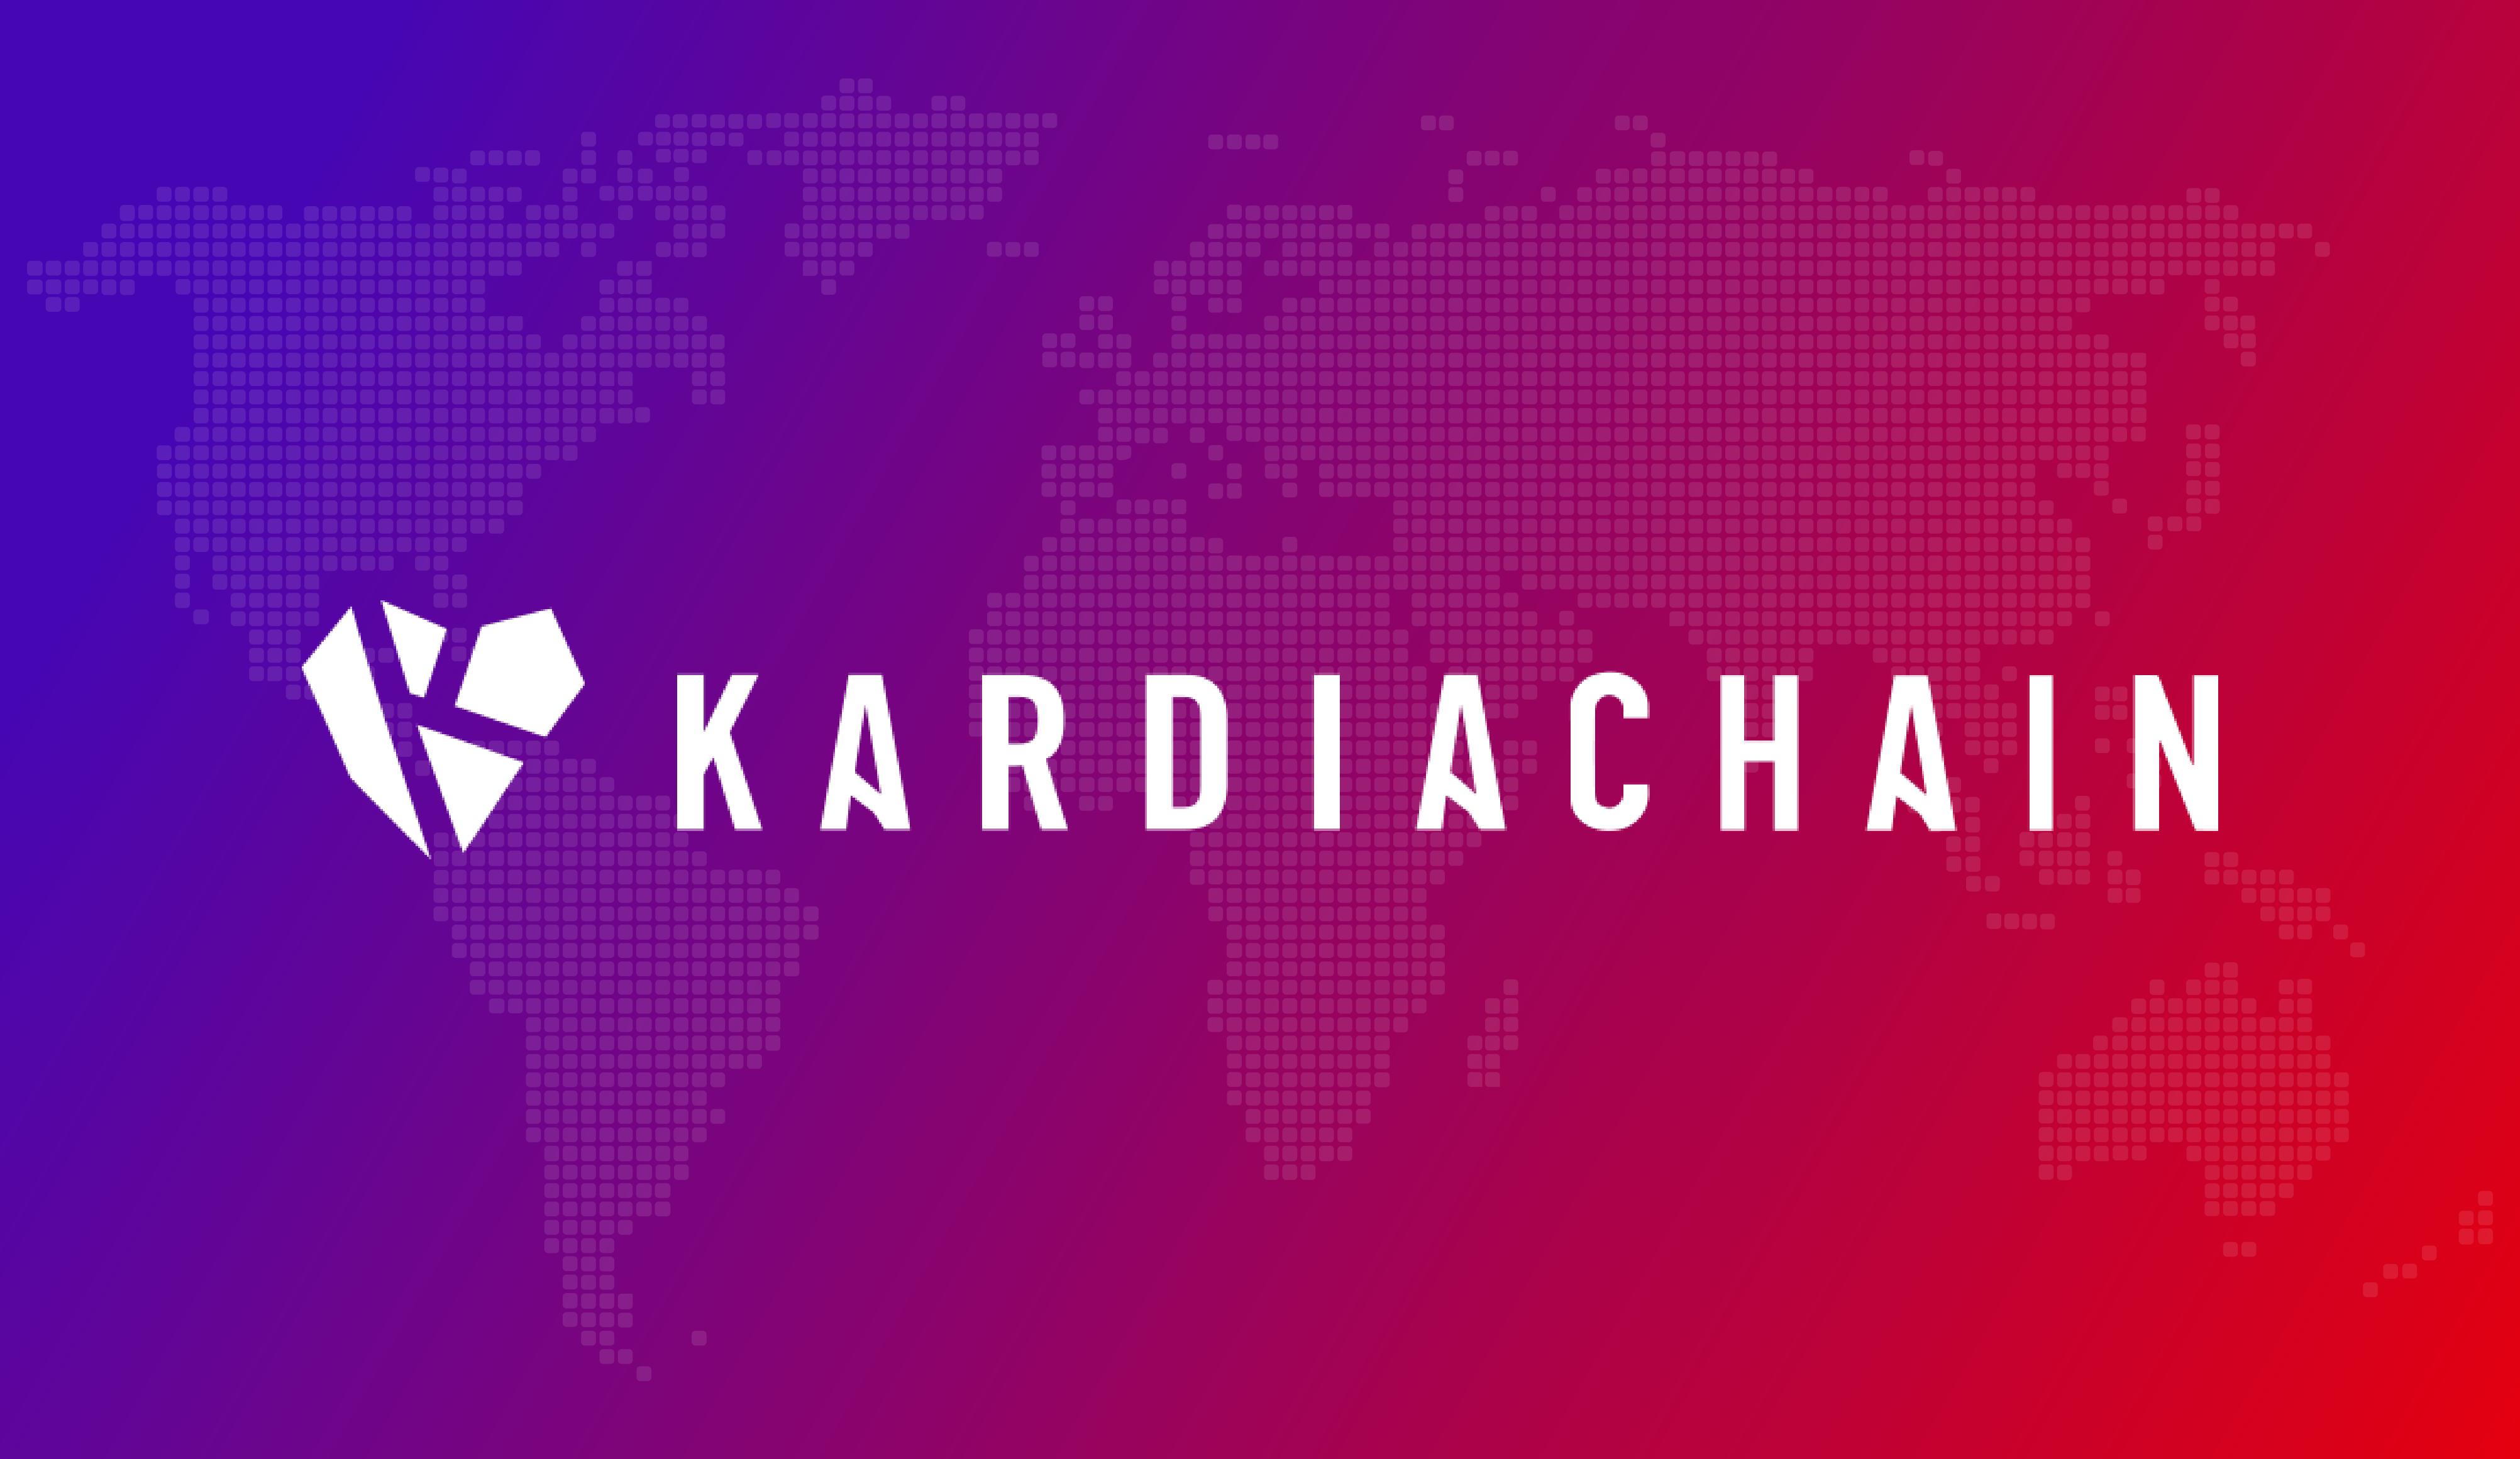 KardiaChain – Nền tảng Blockchain kết nối đa chuỗi hàng đầu Việt Nam